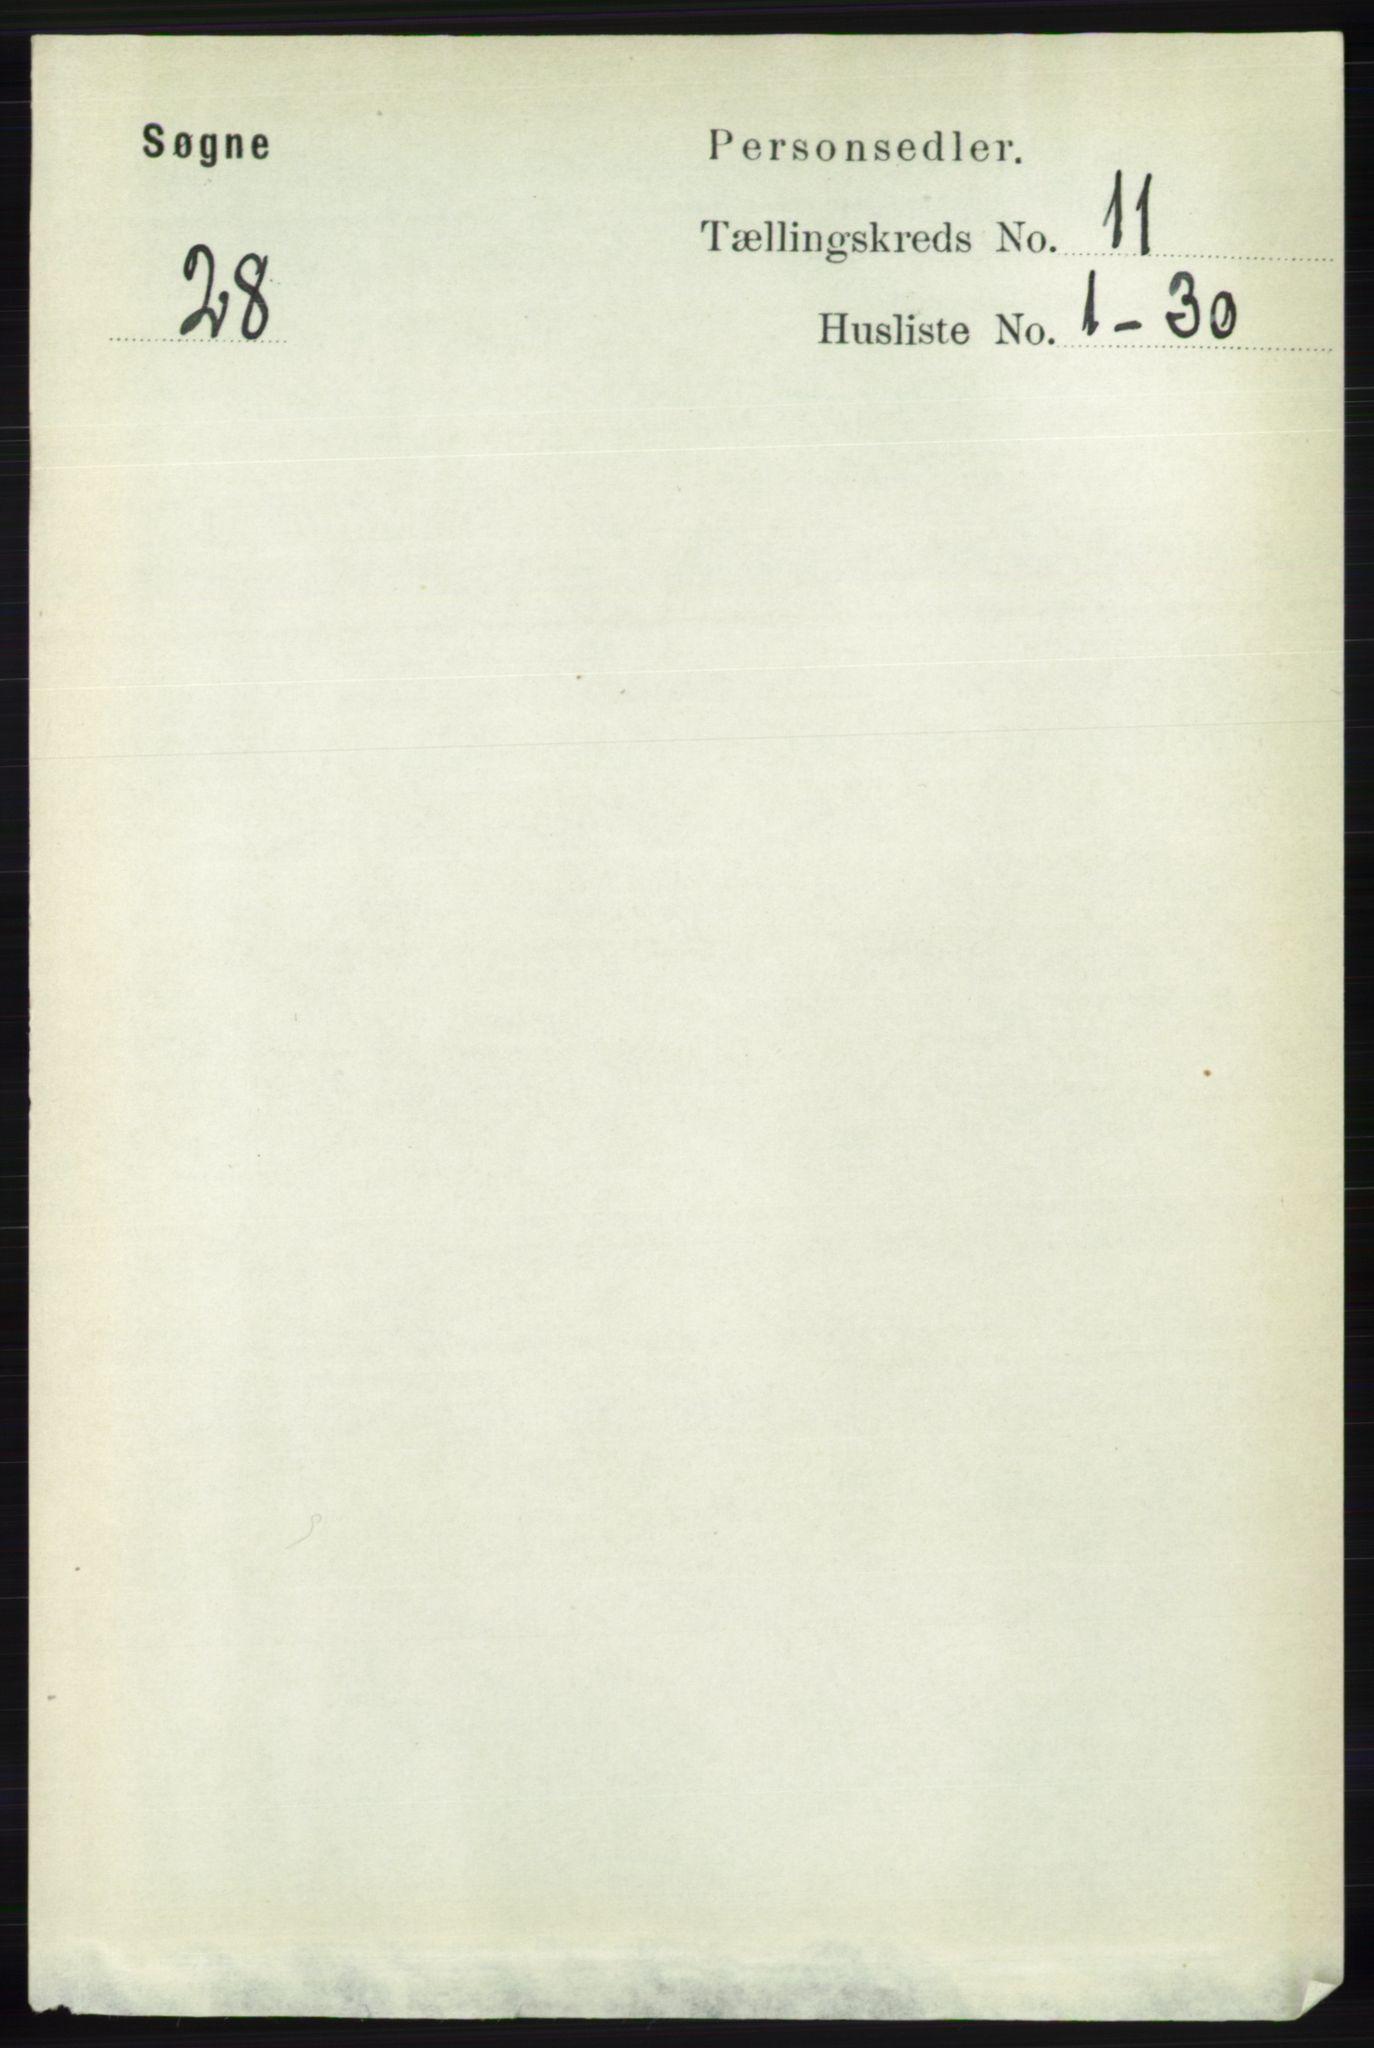 RA, Folketelling 1891 for 1018 Søgne herred, 1891, s. 2921